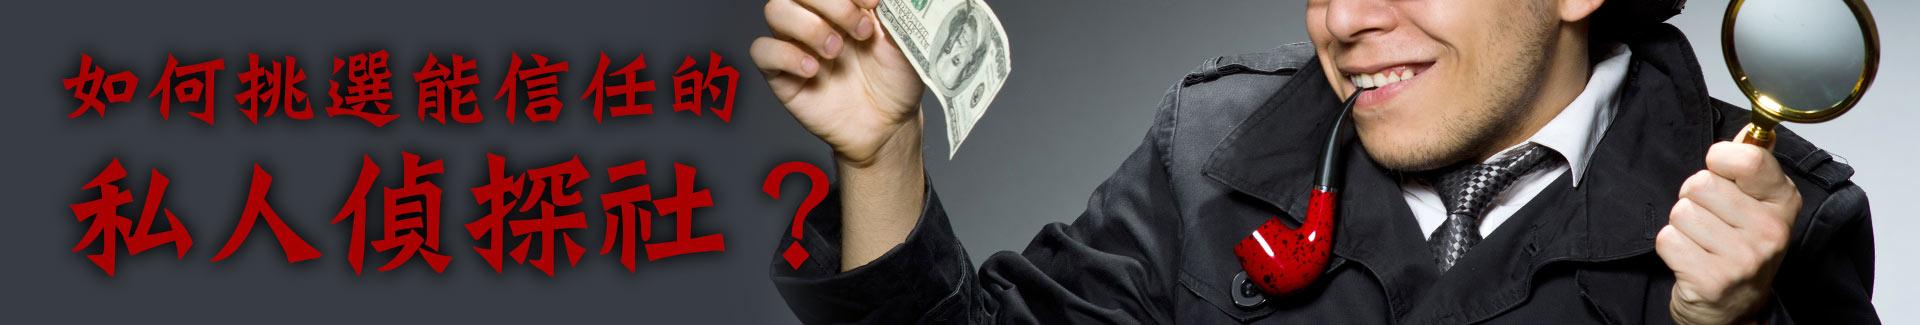 如何挑選可以信任的私人偵探社?